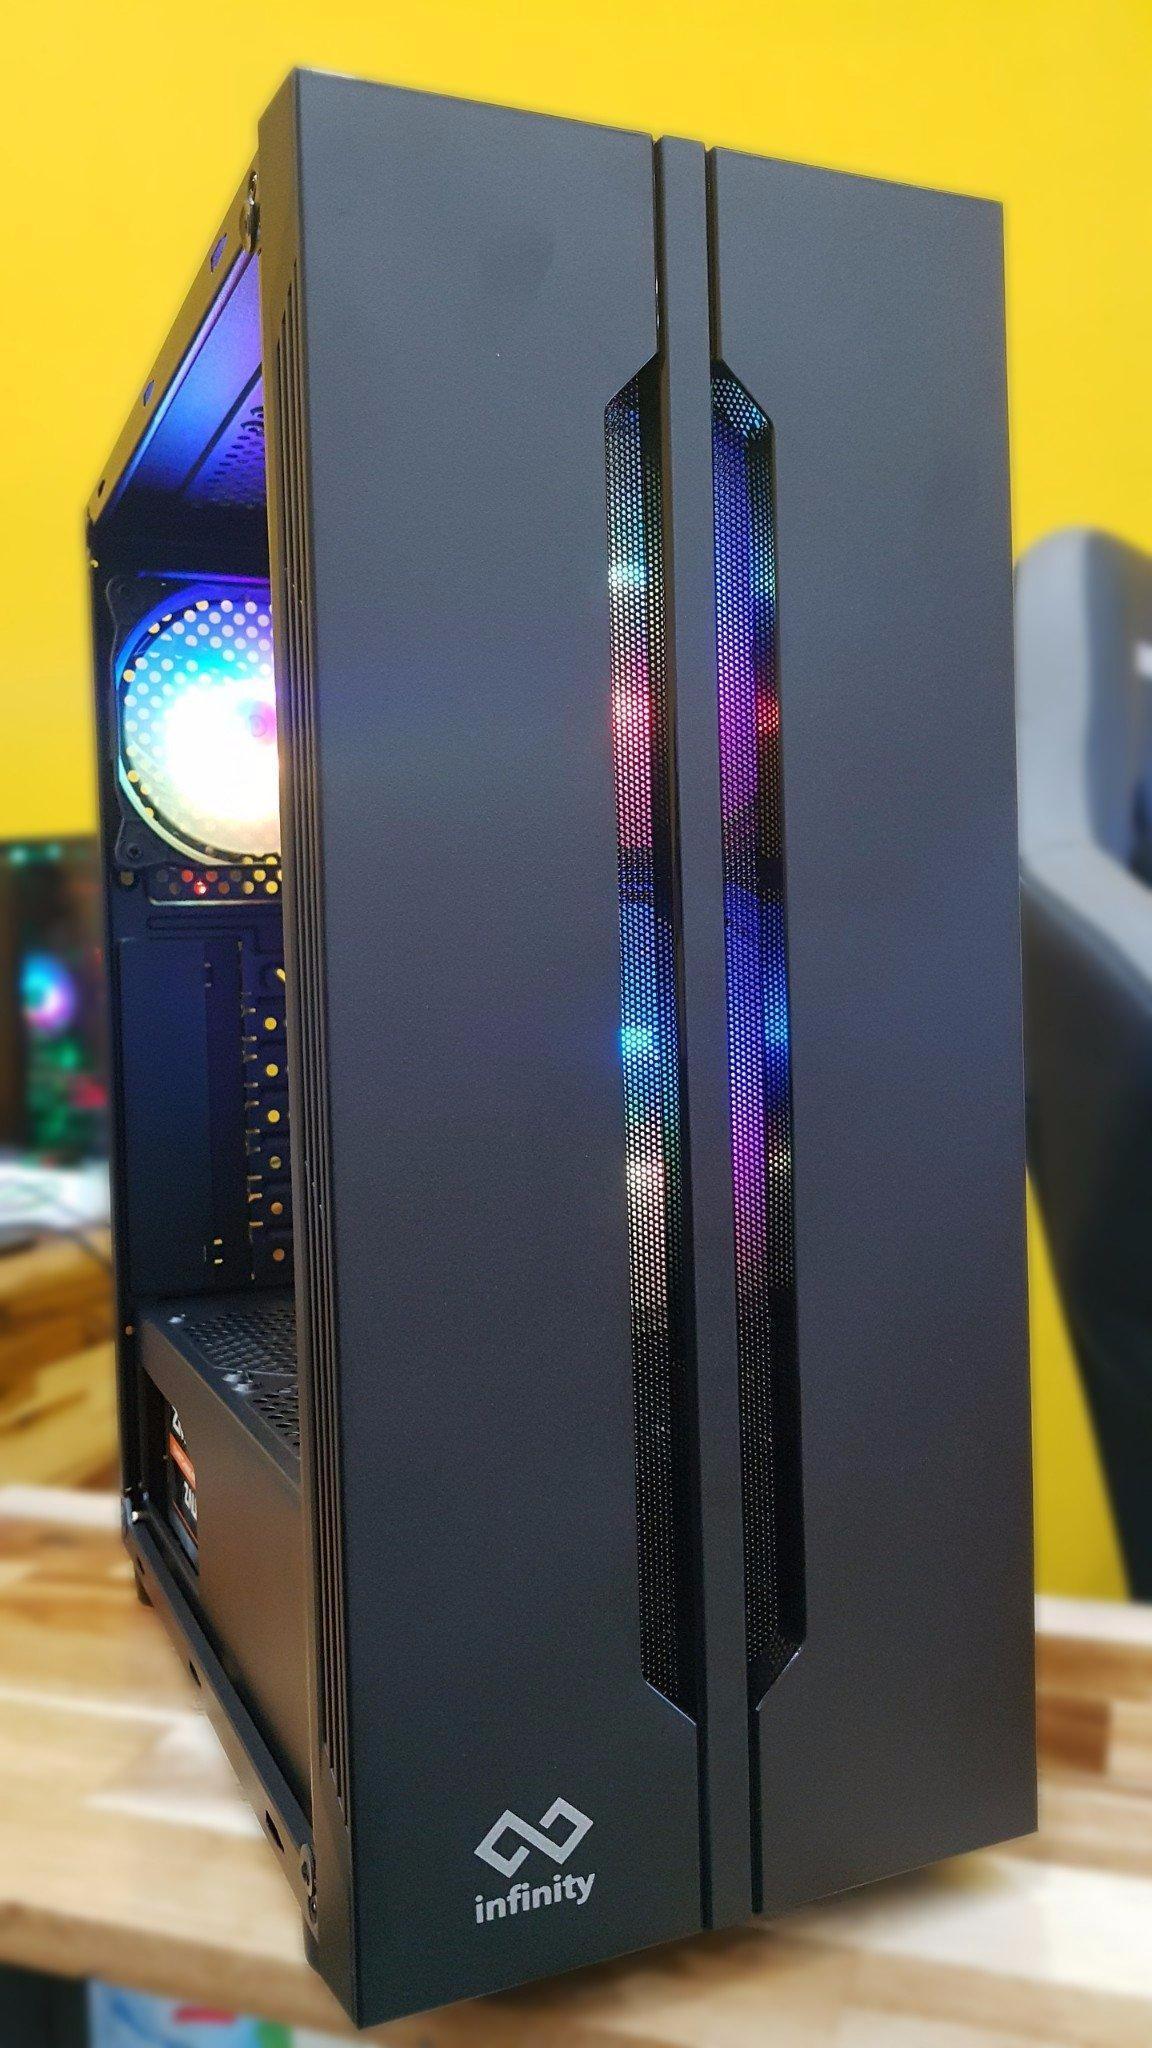 Giá CASE máy tính ,Case máy tính ,Vỏ máy tính gaming (case game) Tặng kèm 3 quạt tản nhiệt LED RGB 4 pin